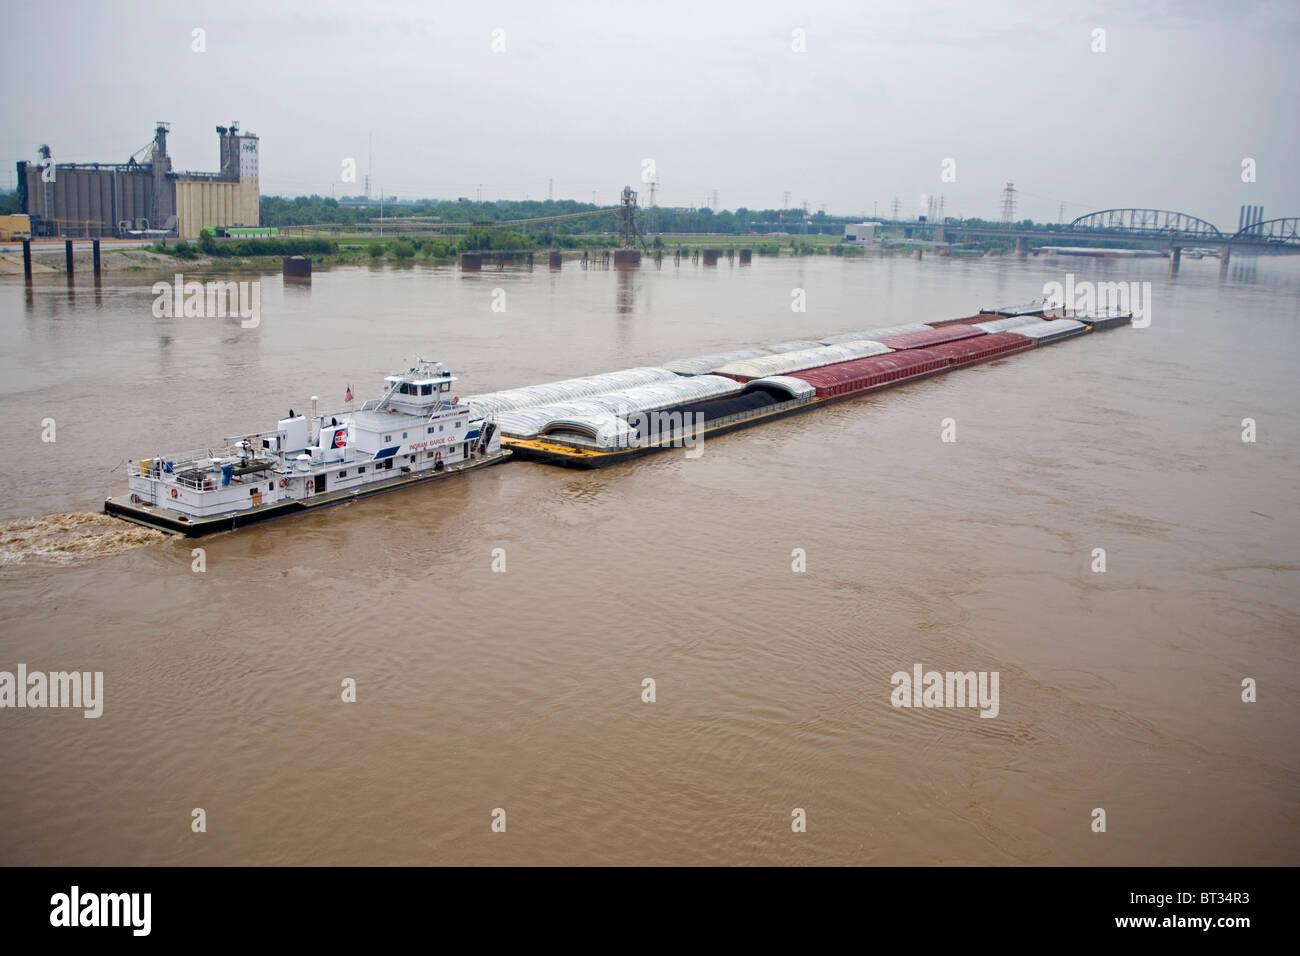 Barge on Mississippi River - Stock Image